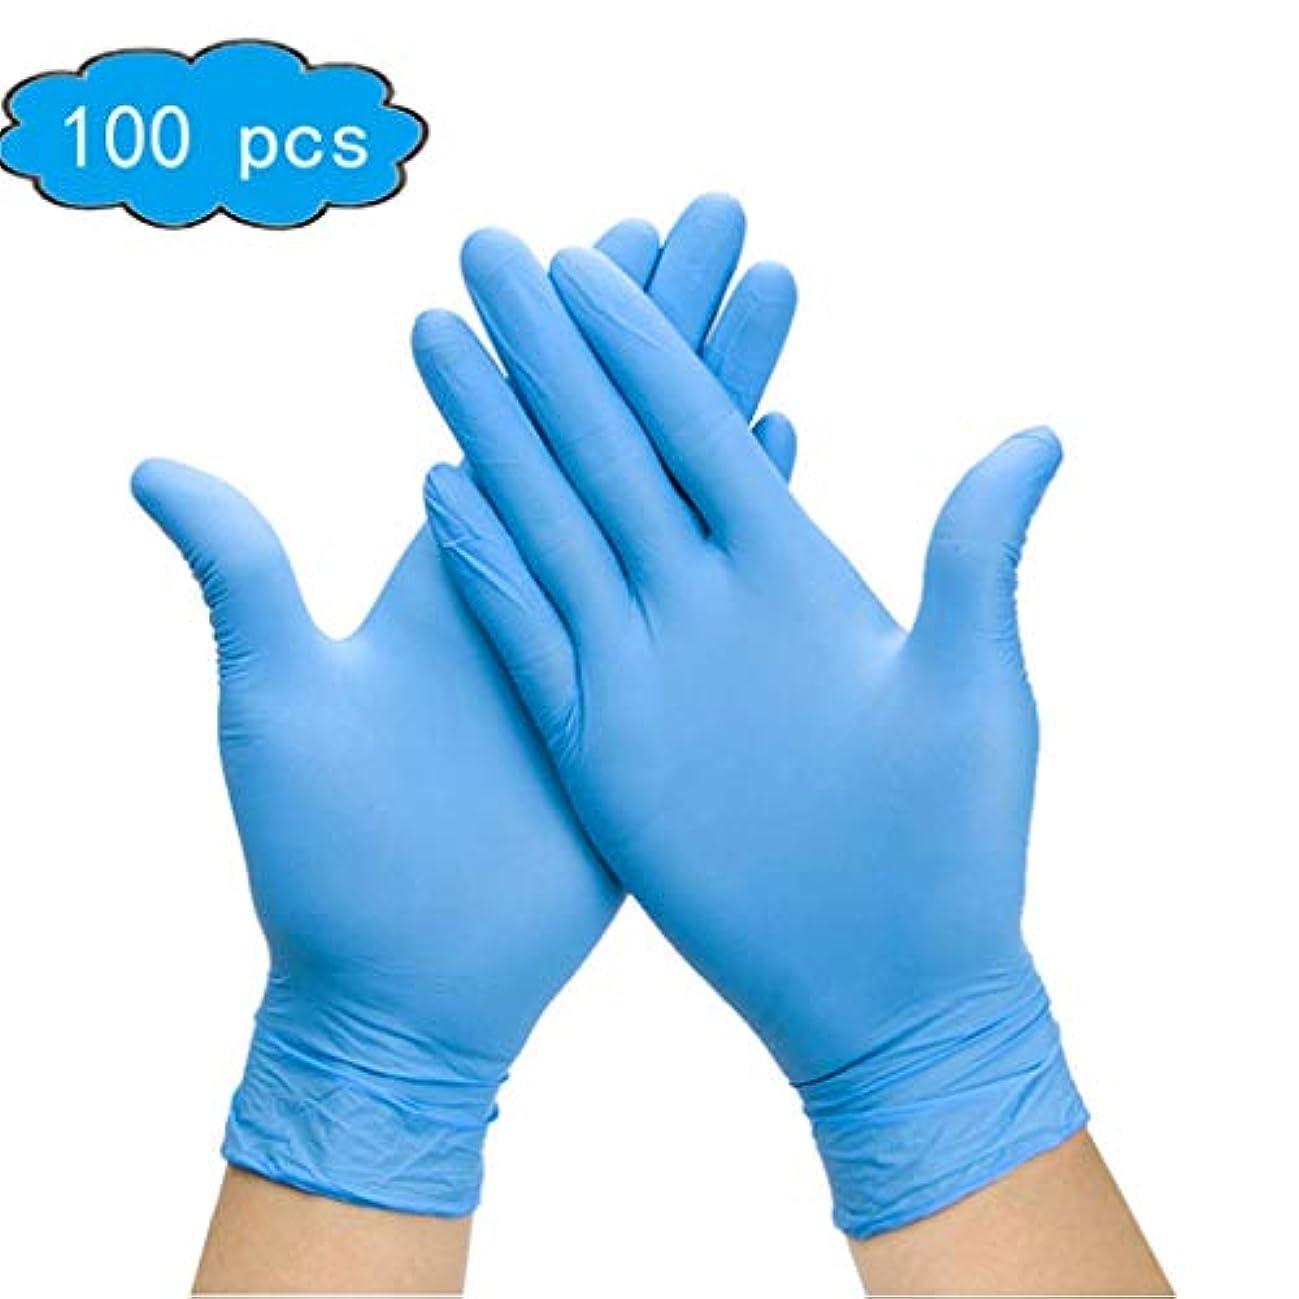 気をつけてトマト優しい使い捨てニトリル手袋-パウダーフリー、ゴムラテックスフリー、医療検査グレード、非滅菌、両性利き-ソフトブルー(100個)、ラボ&科学製品 (Color : Blue, Size : L)